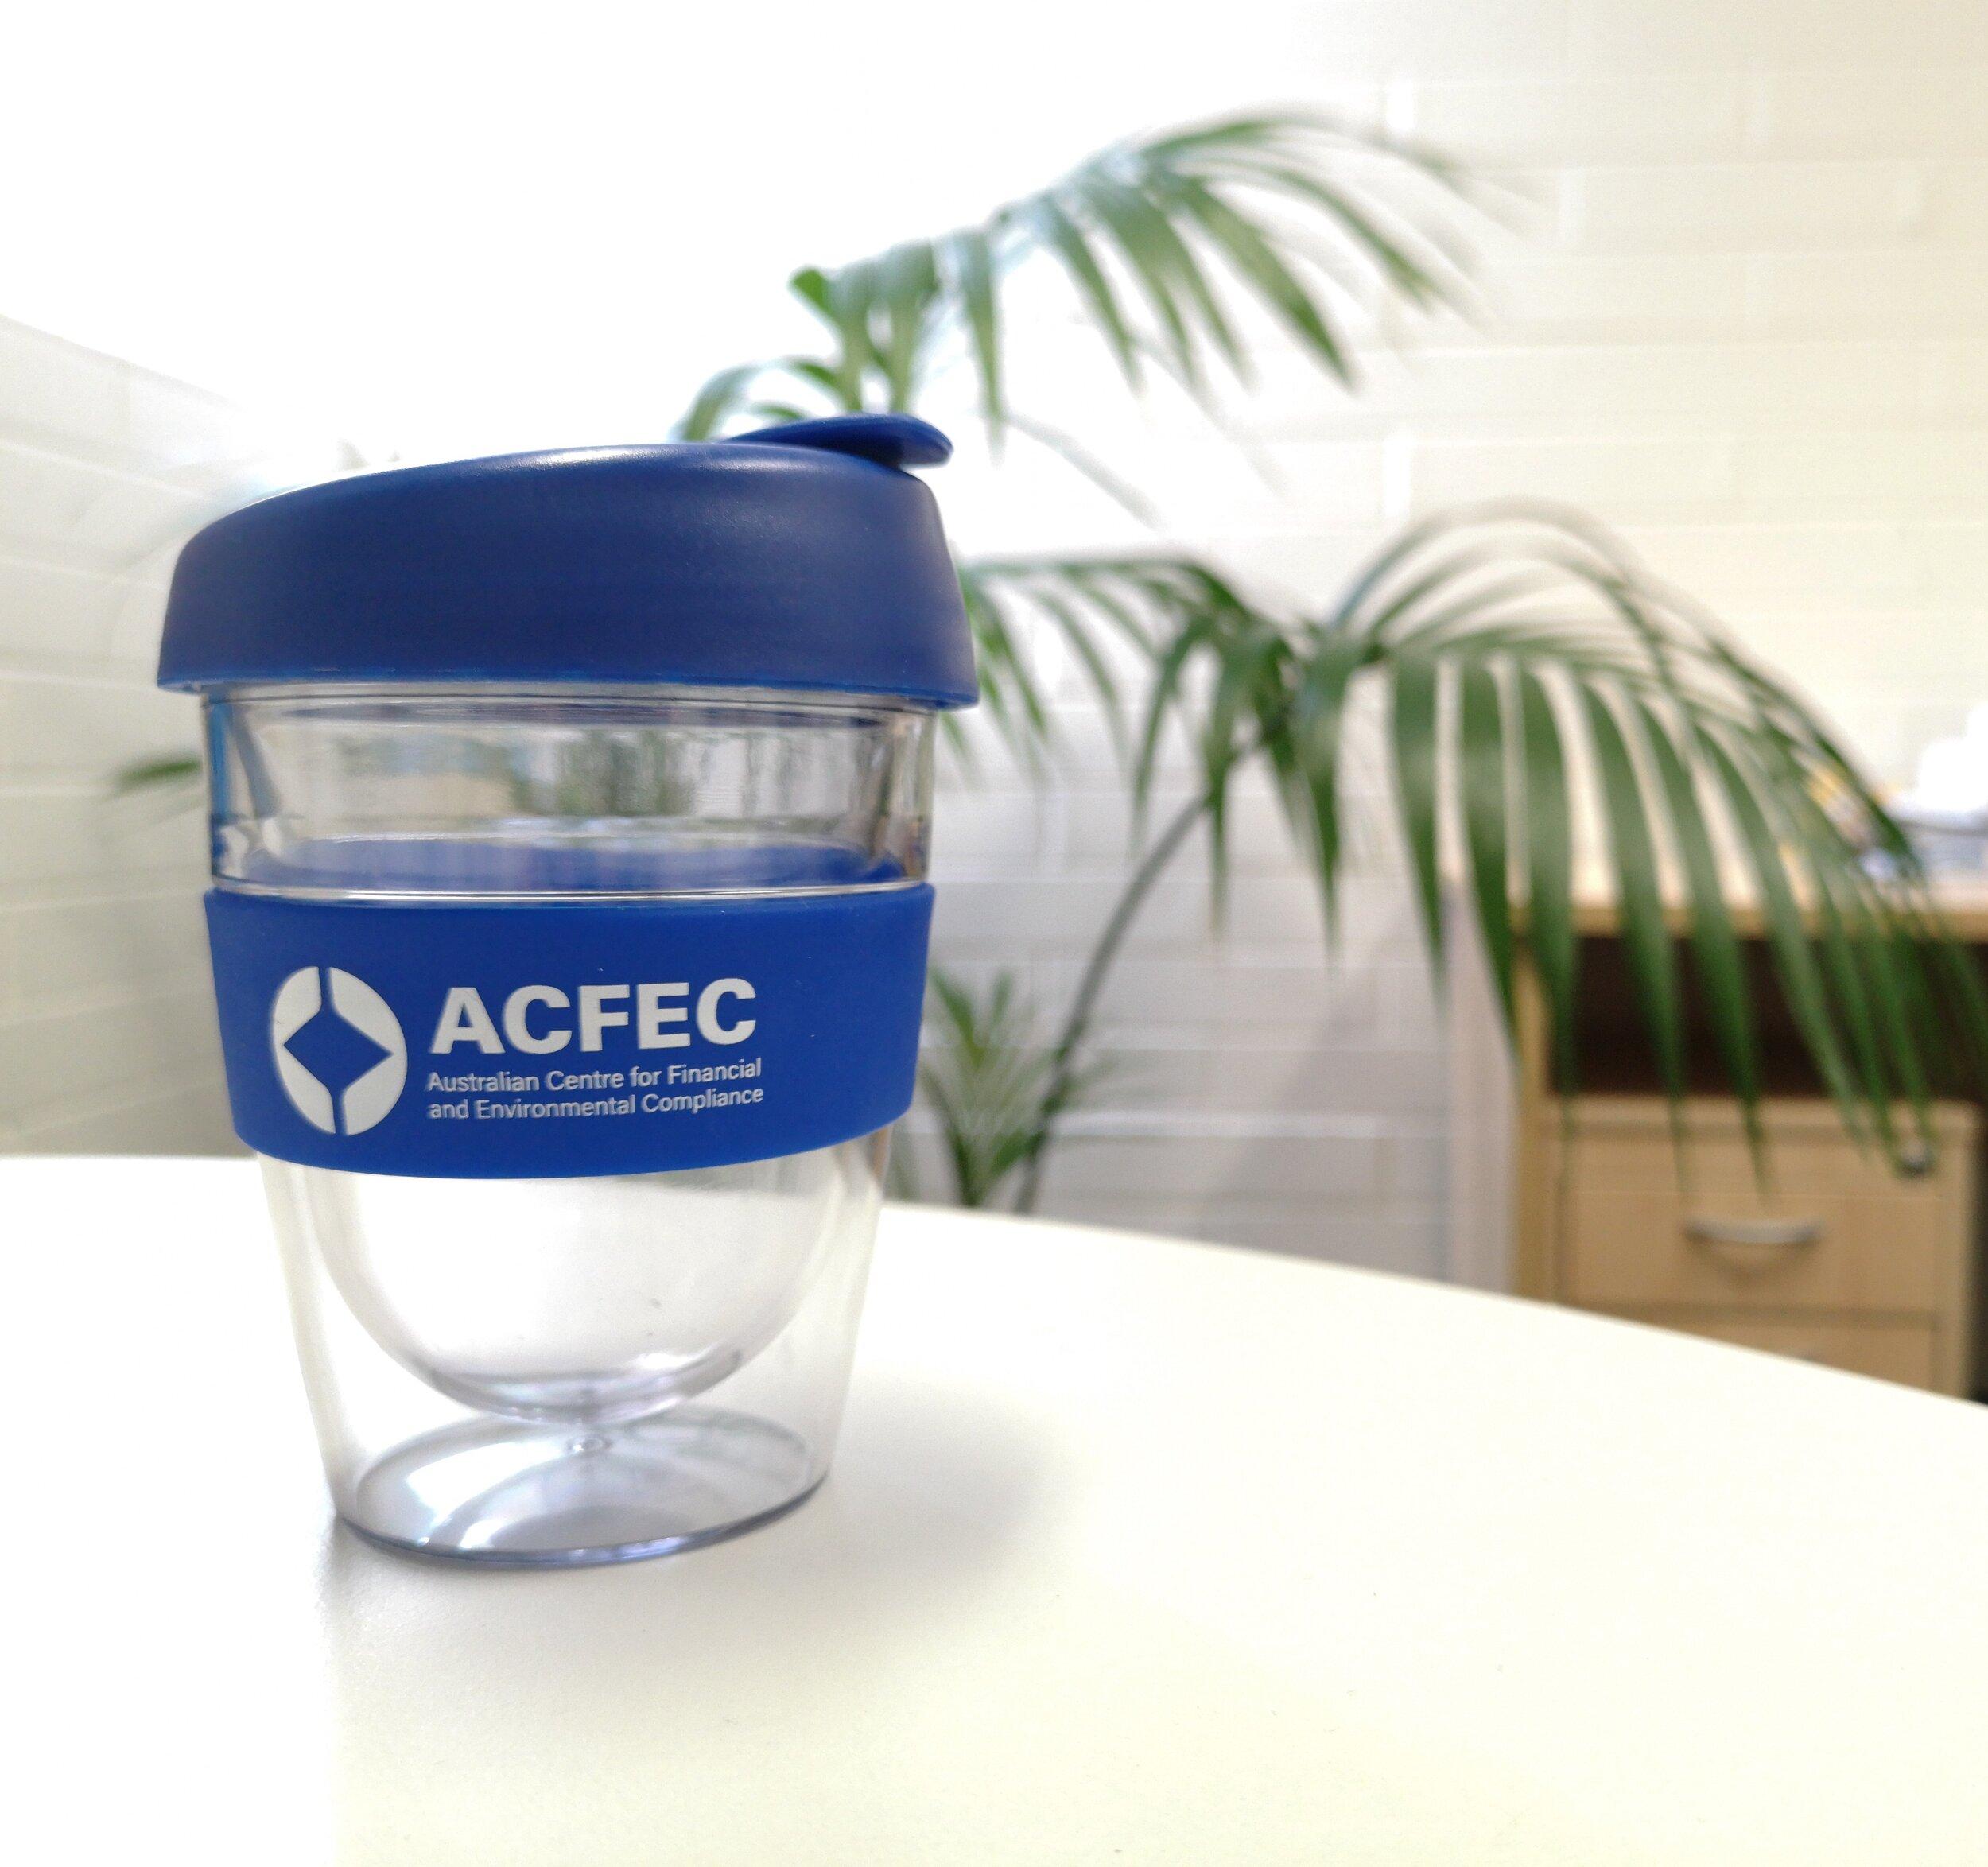 acfec cup (2).jpg